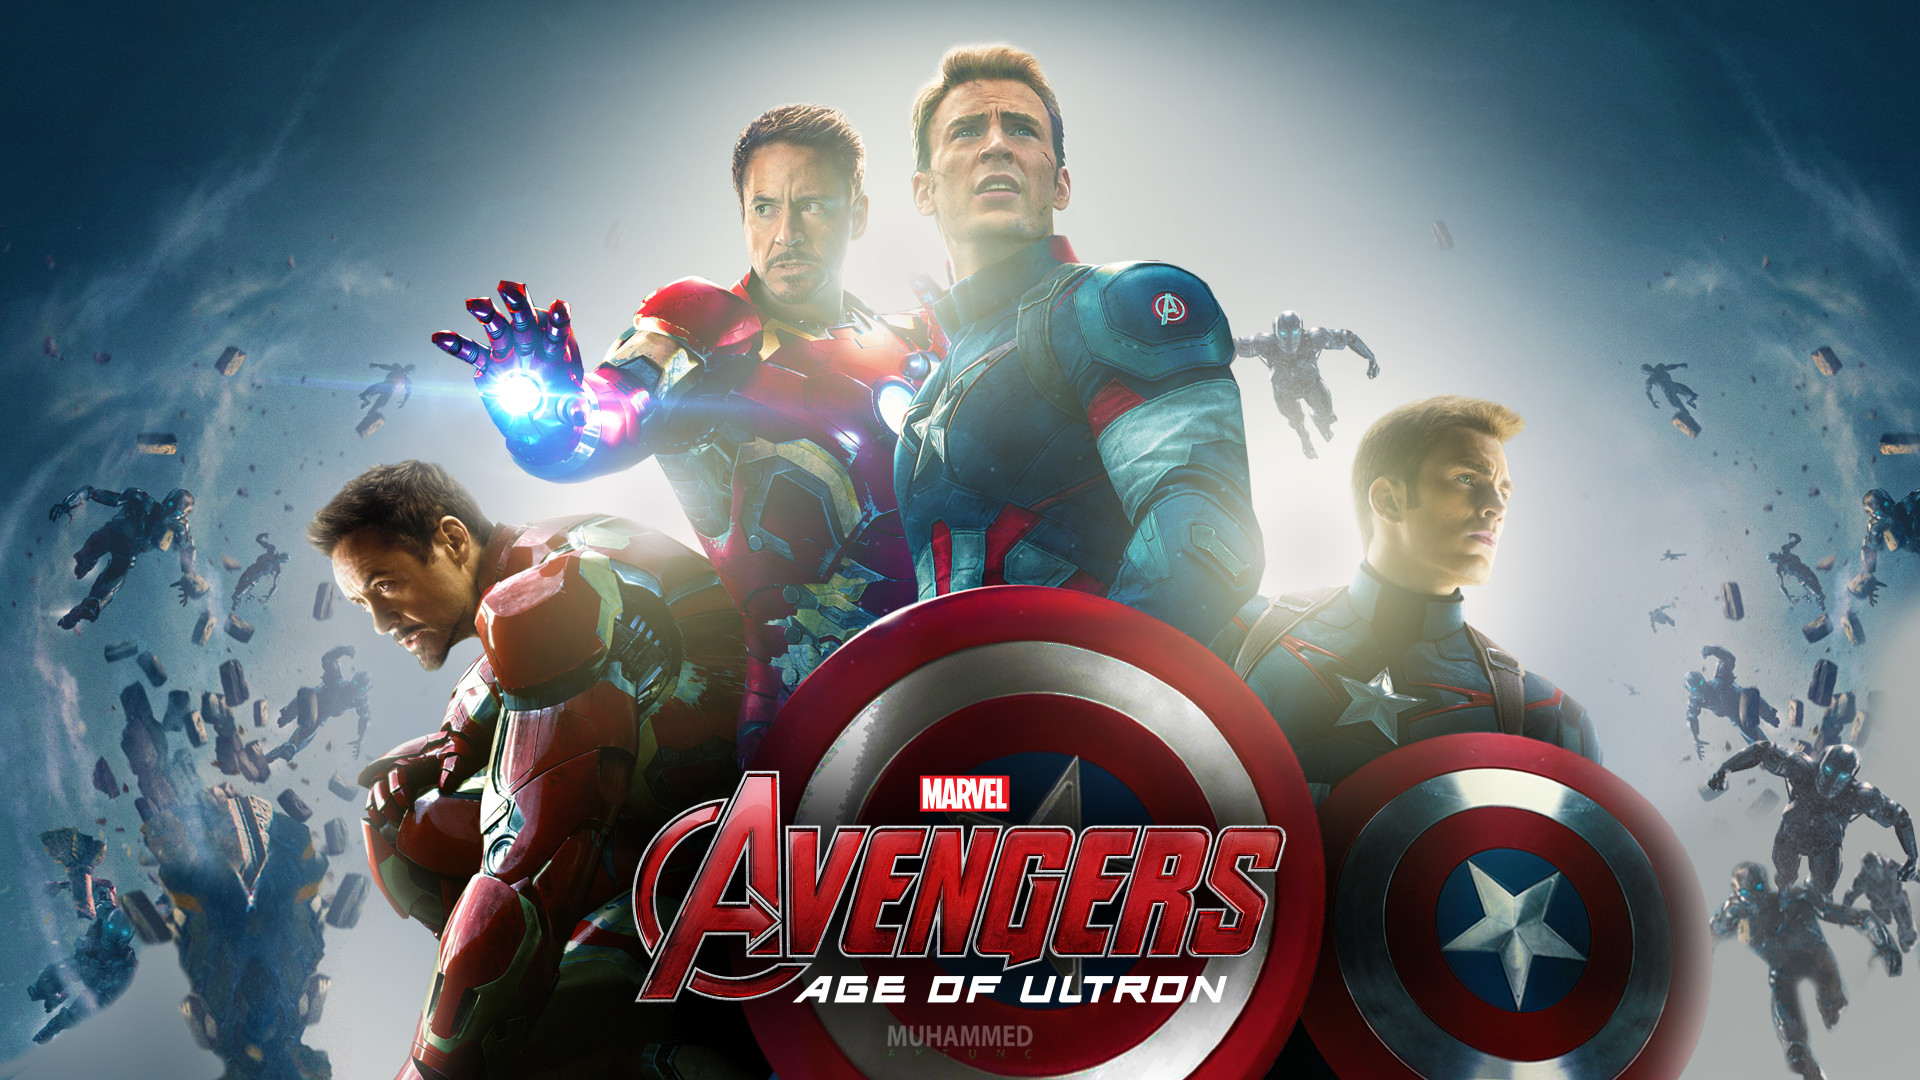 Most Inspiring Wallpaper Marvel Avengers Age Ultron - 287685  Trends_38549.jpg